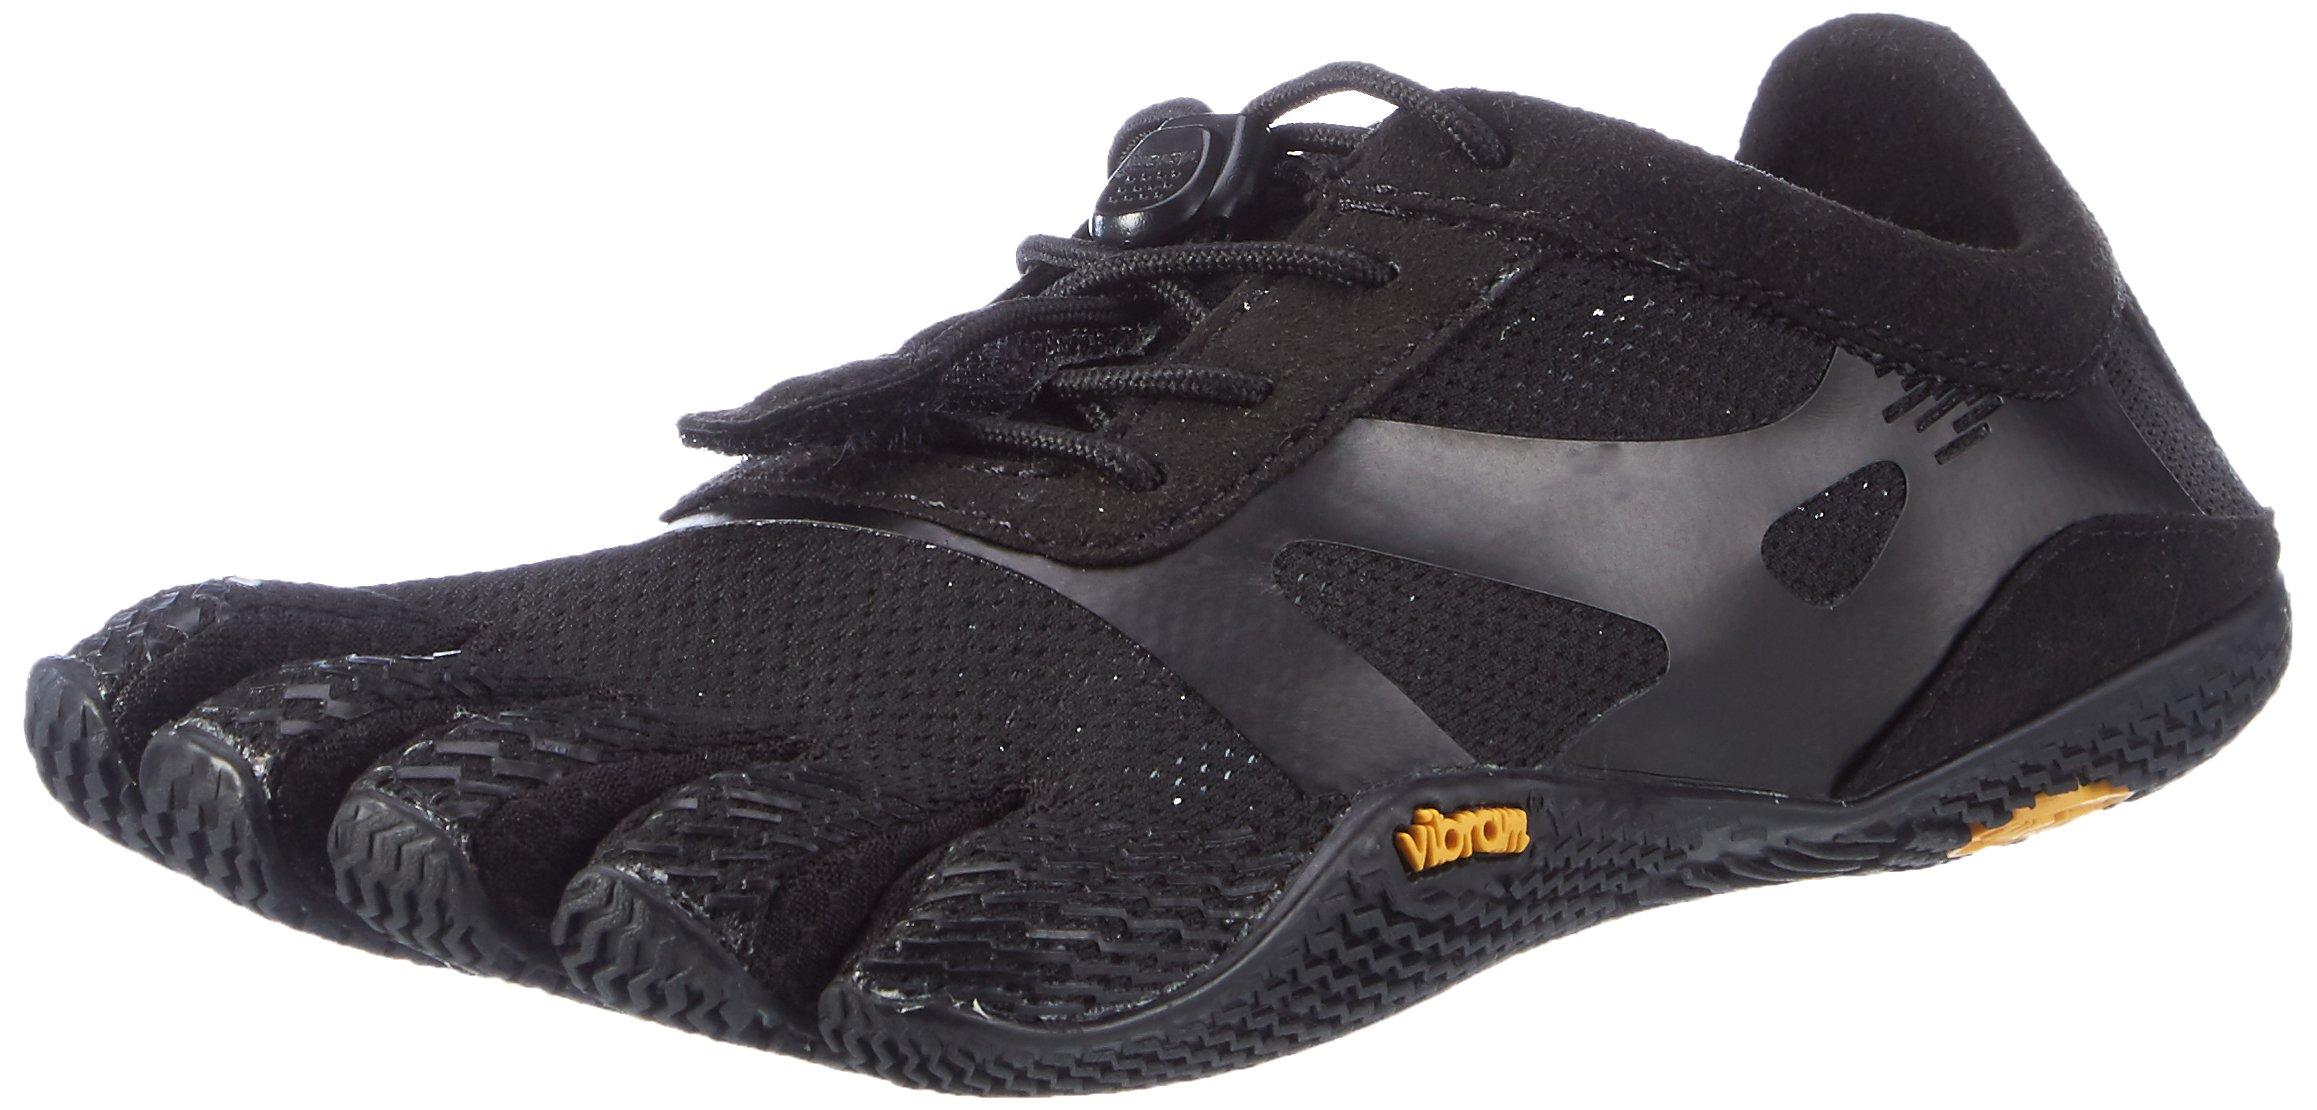 Vibram Women's KSO Evo Cross Training Shoe, Black,39 EU/8 M US